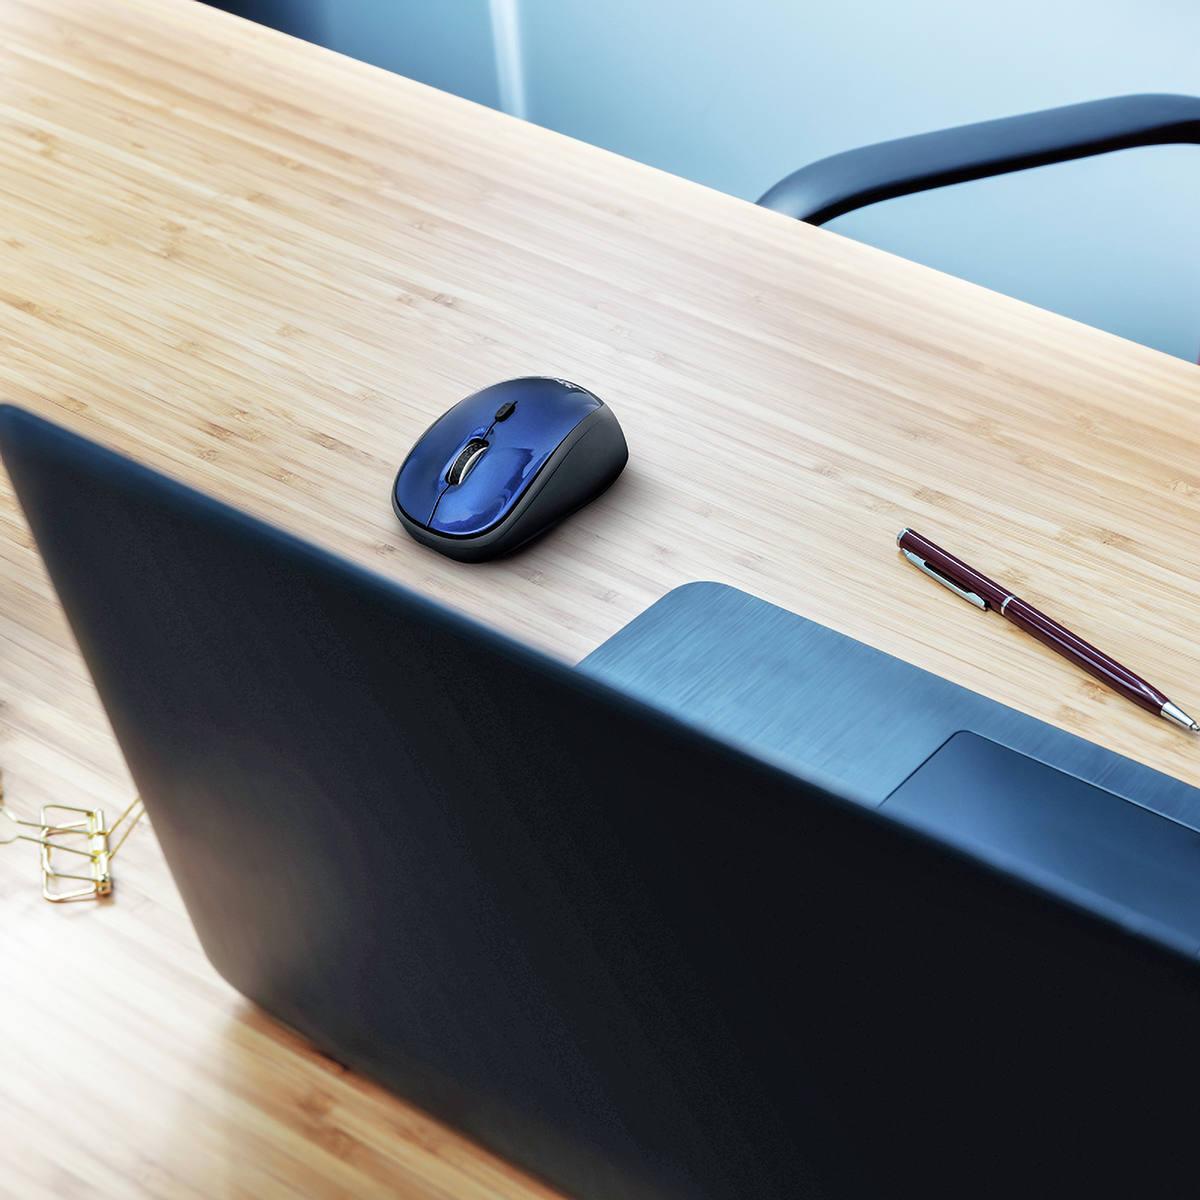 Mouse Wireless Compacto com Botão Seletor de DPI Micro Receptor USB Acompanha Pilha Trust Yvi Blue